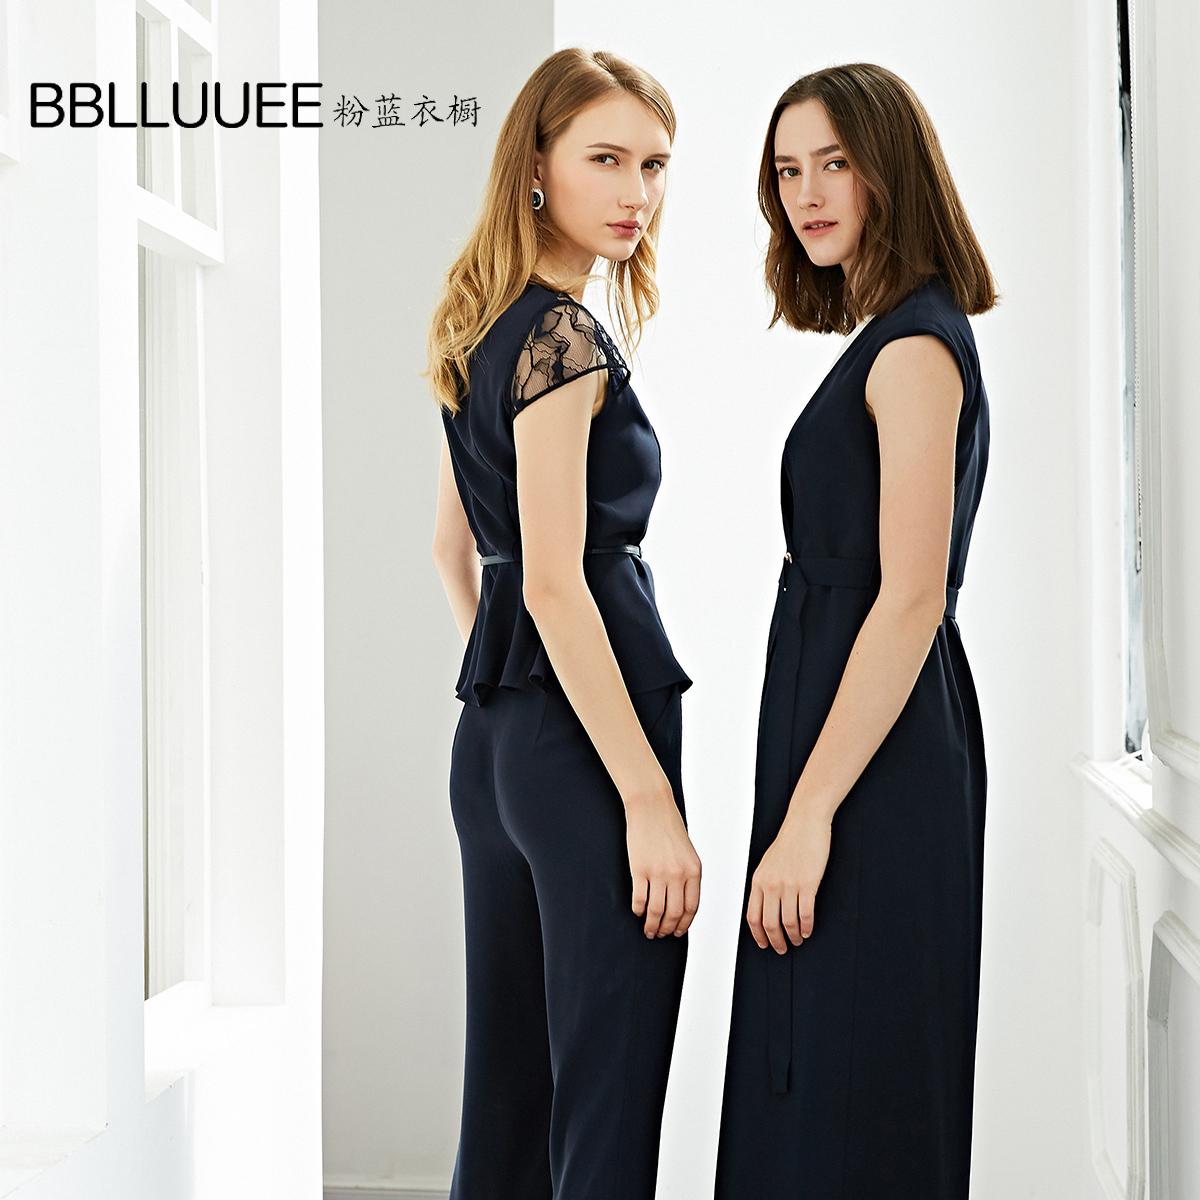 BBLLUUEE/粉蓝衣橱2019夏季新款时尚干练简约OL九分喇叭裤592K339